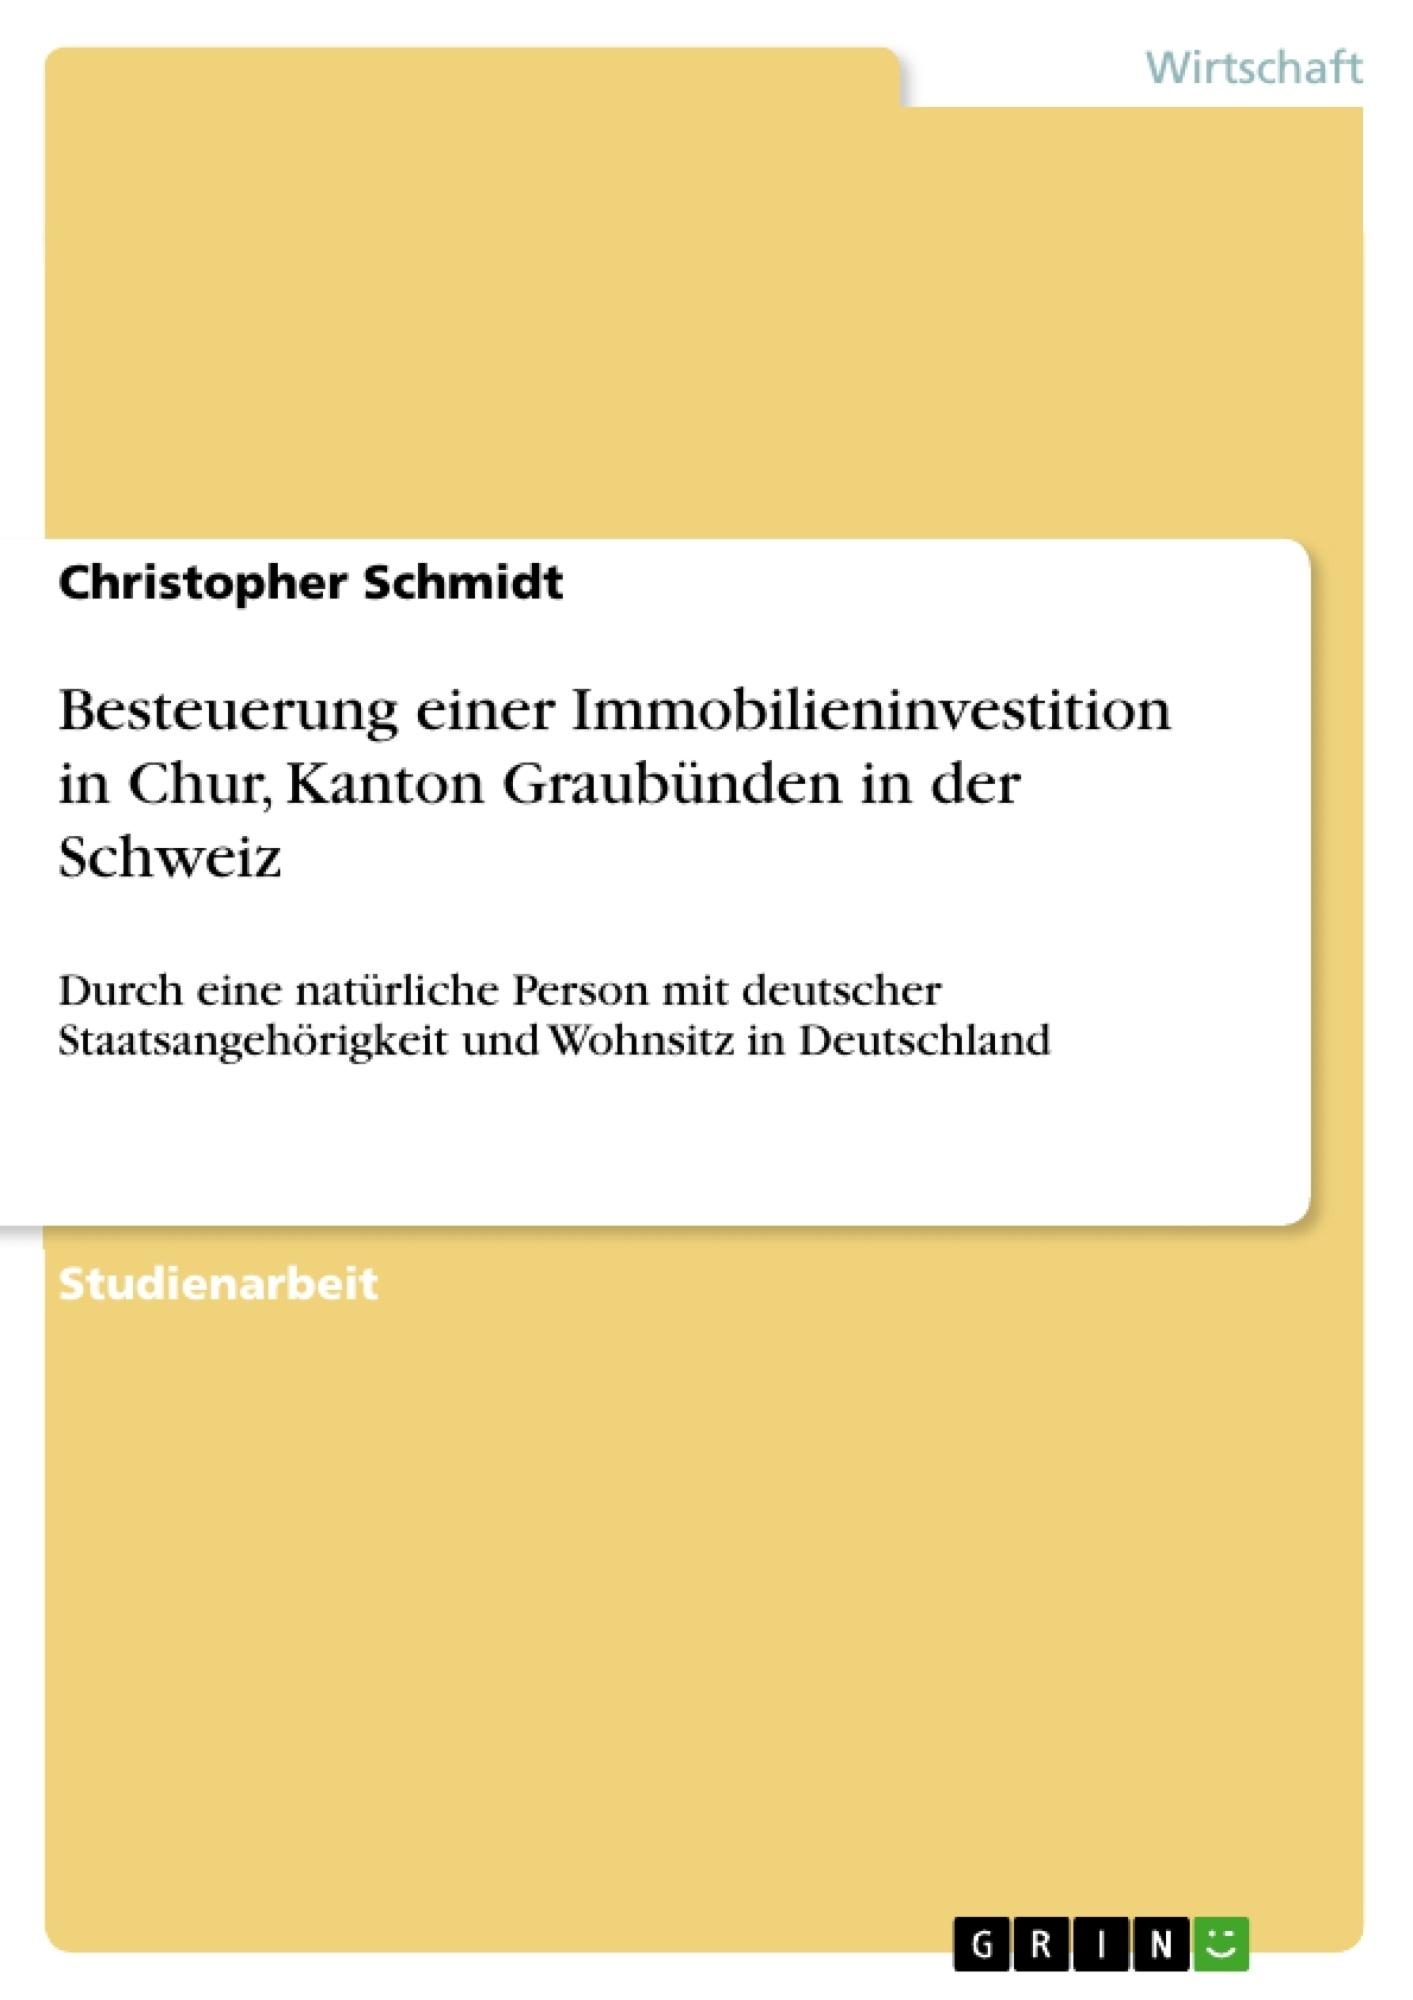 Titel: Besteuerung einer Immobilieninvestition in Chur, Kanton Graubünden in der Schweiz